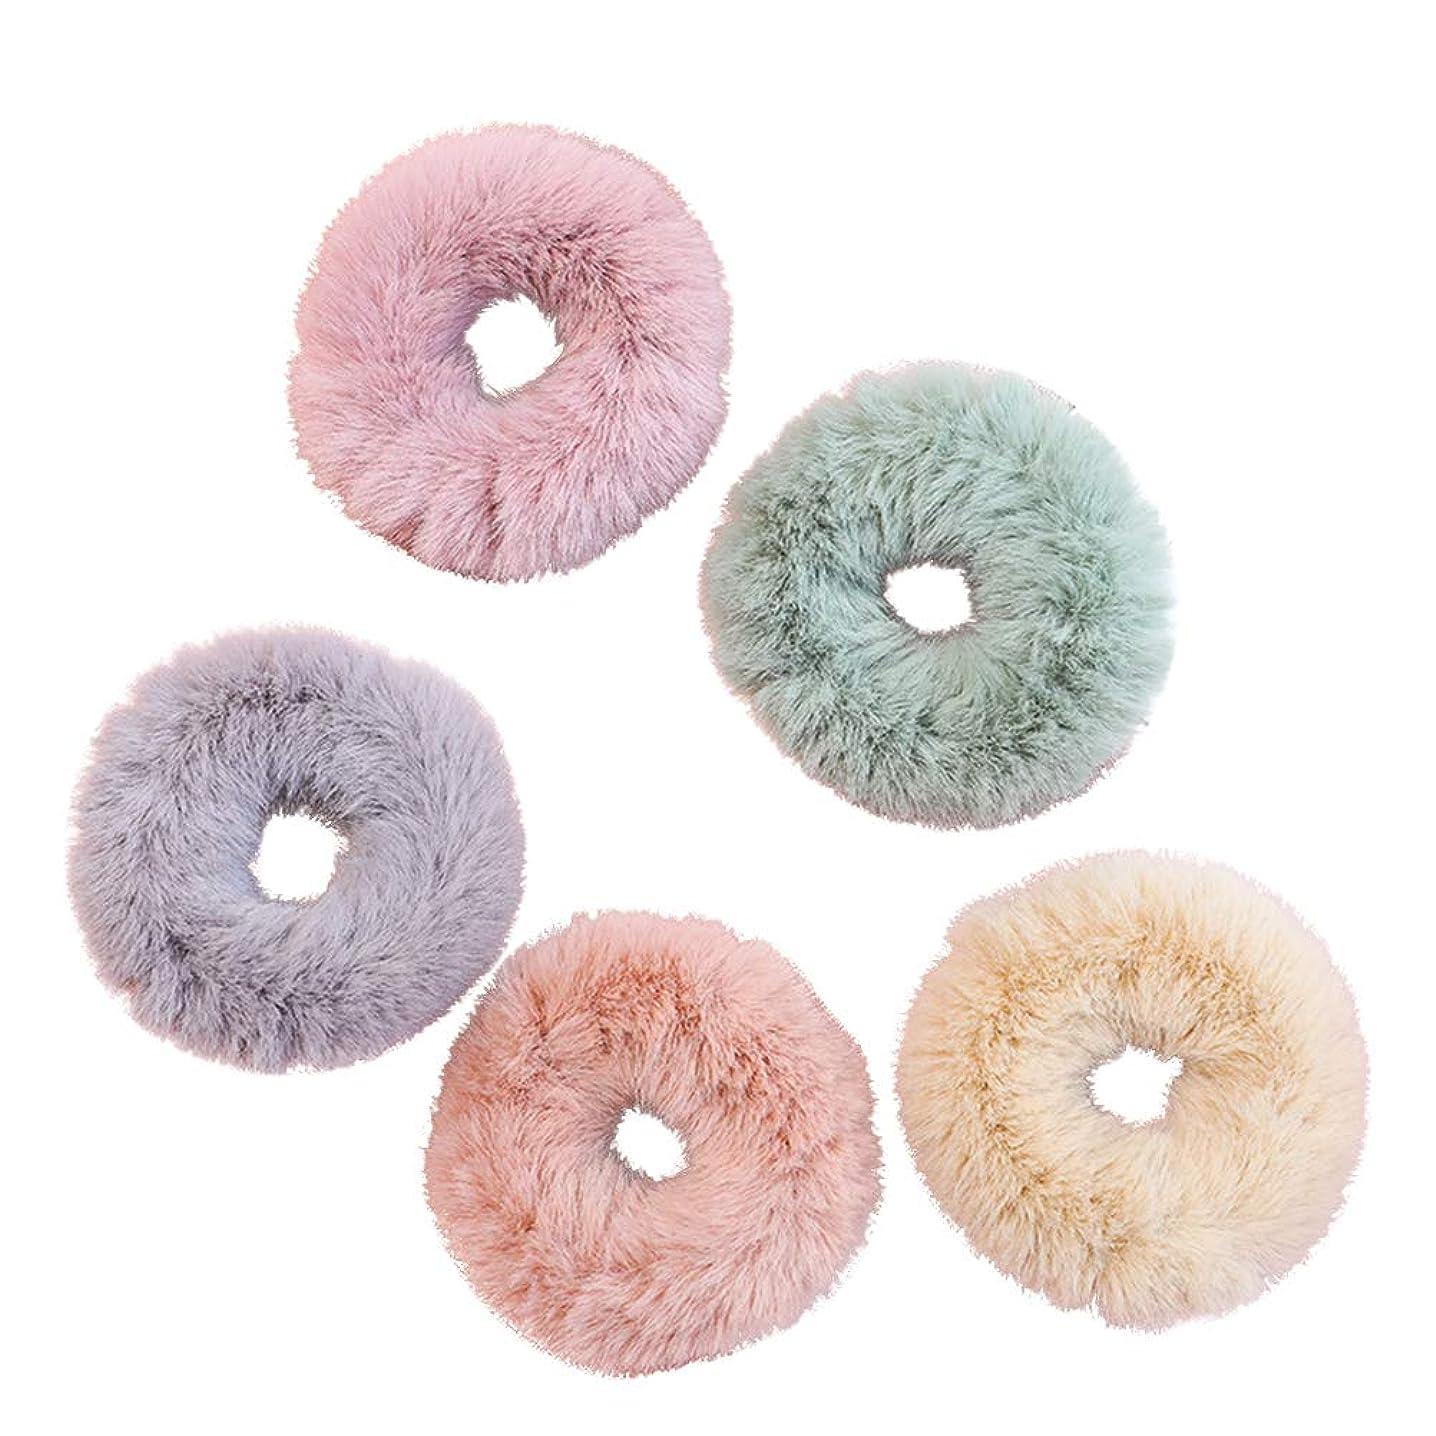 寄付スケルトン楽しむLURROSE 5ピース毛皮ホルダーウサギの毛皮のどの毛バンドロープヘアリングヘアアクセサリー